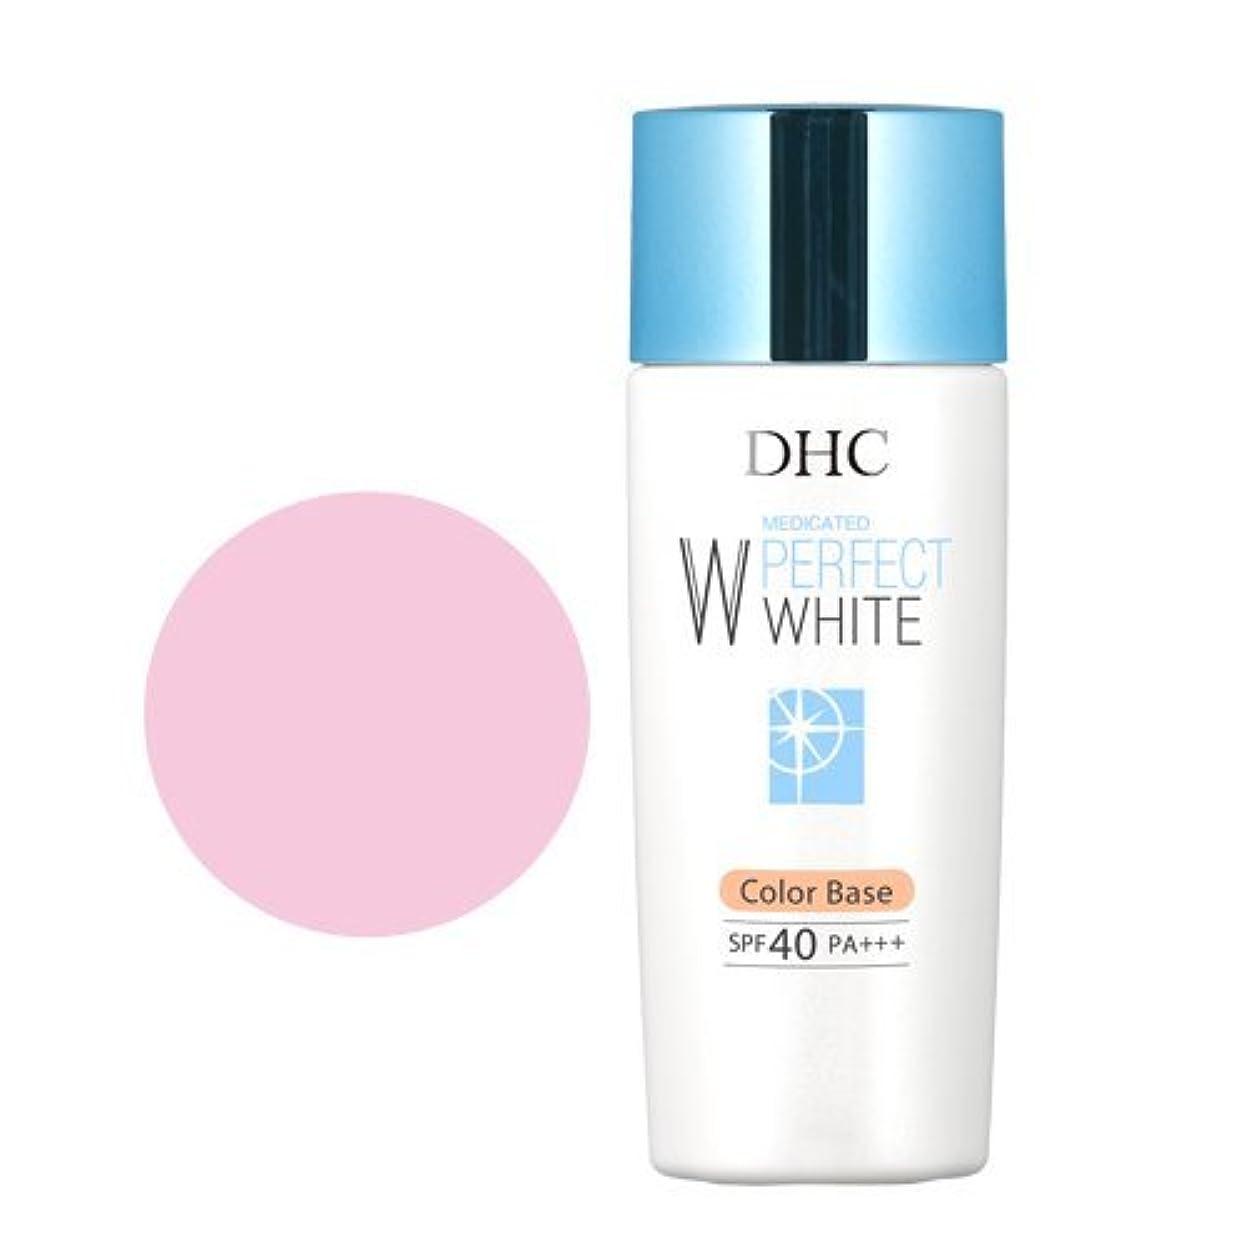 栄光パズルカップ【医薬部外品】DHC薬用PW カラーベース【SPF40?PA+++】(ピンク)